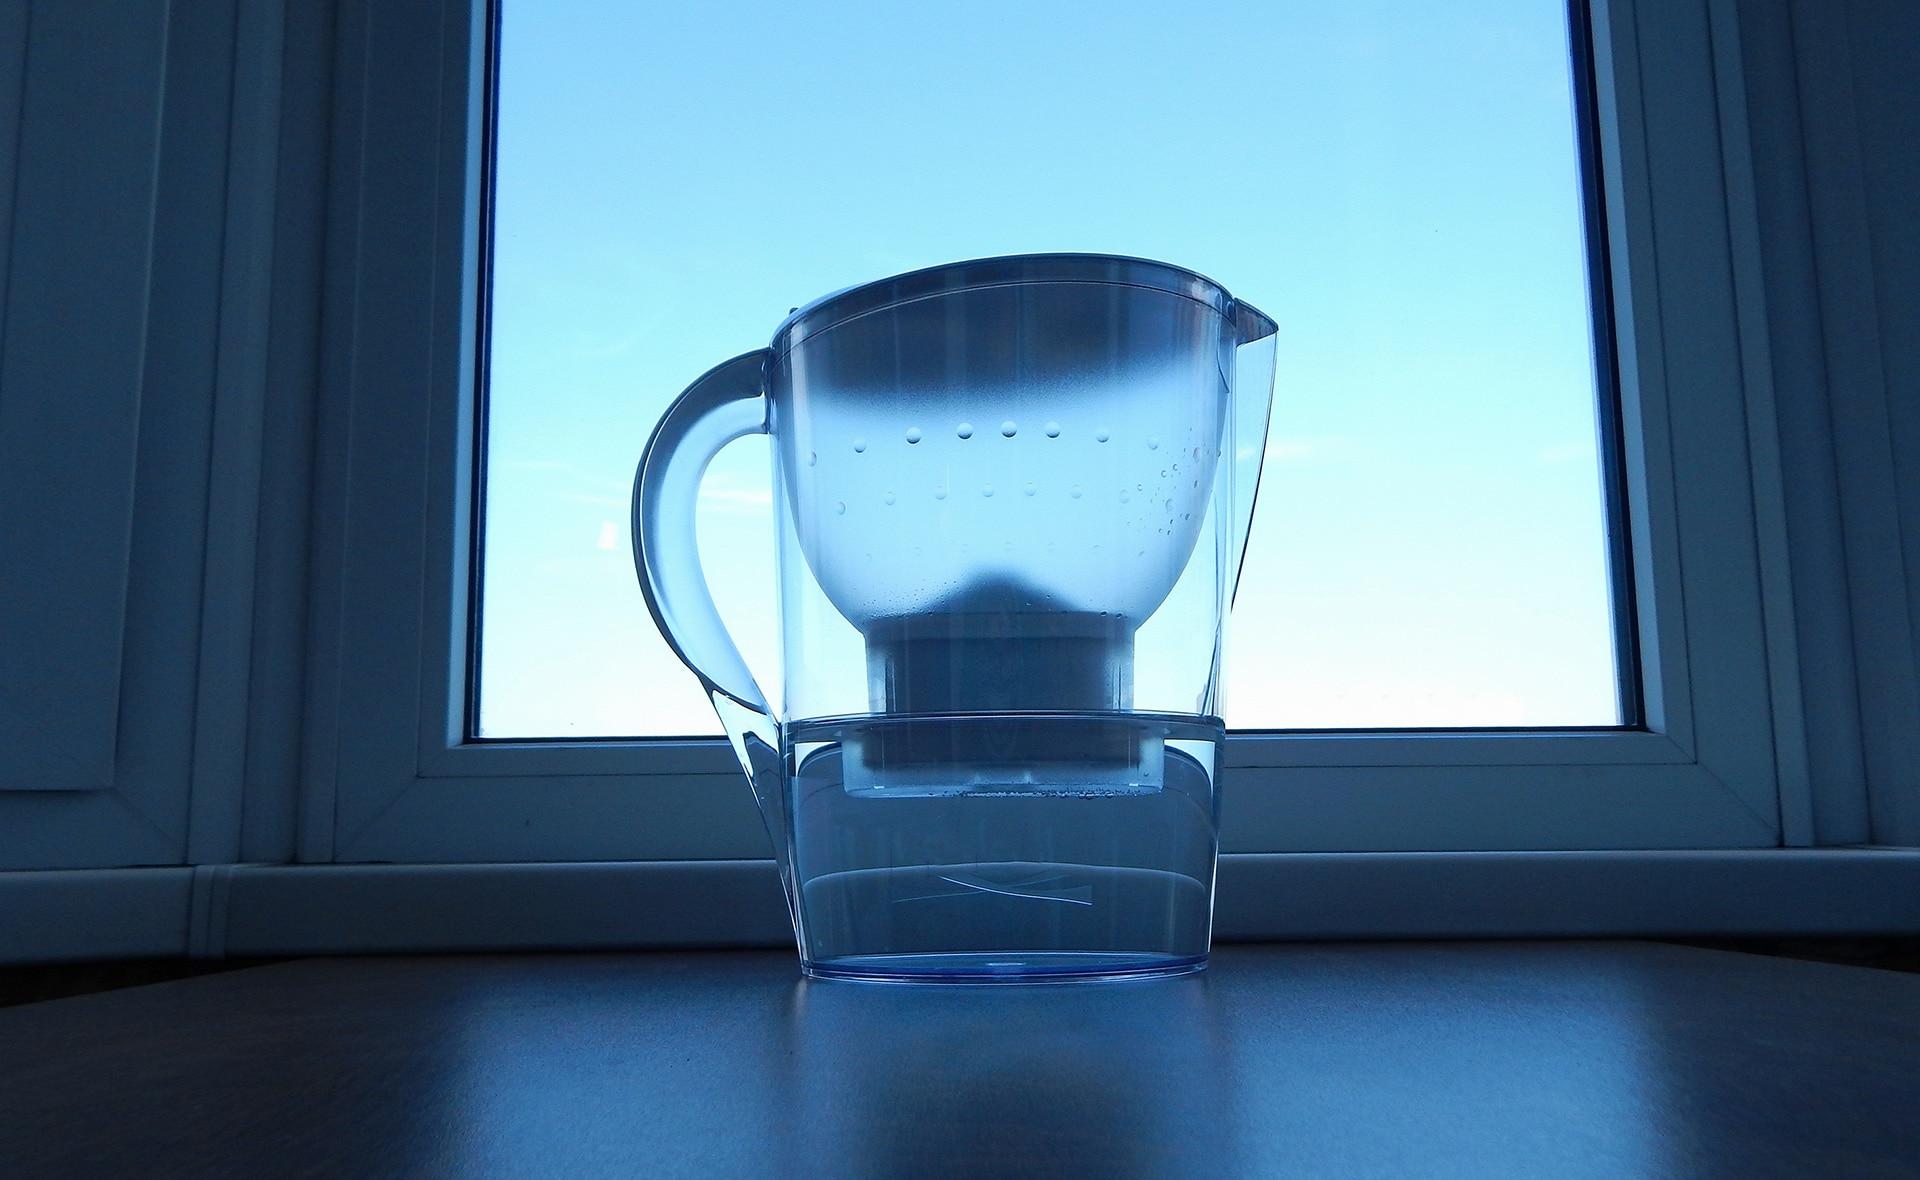 BBVA-filtros-agua-apertura-sostenibilidad-contaminación-